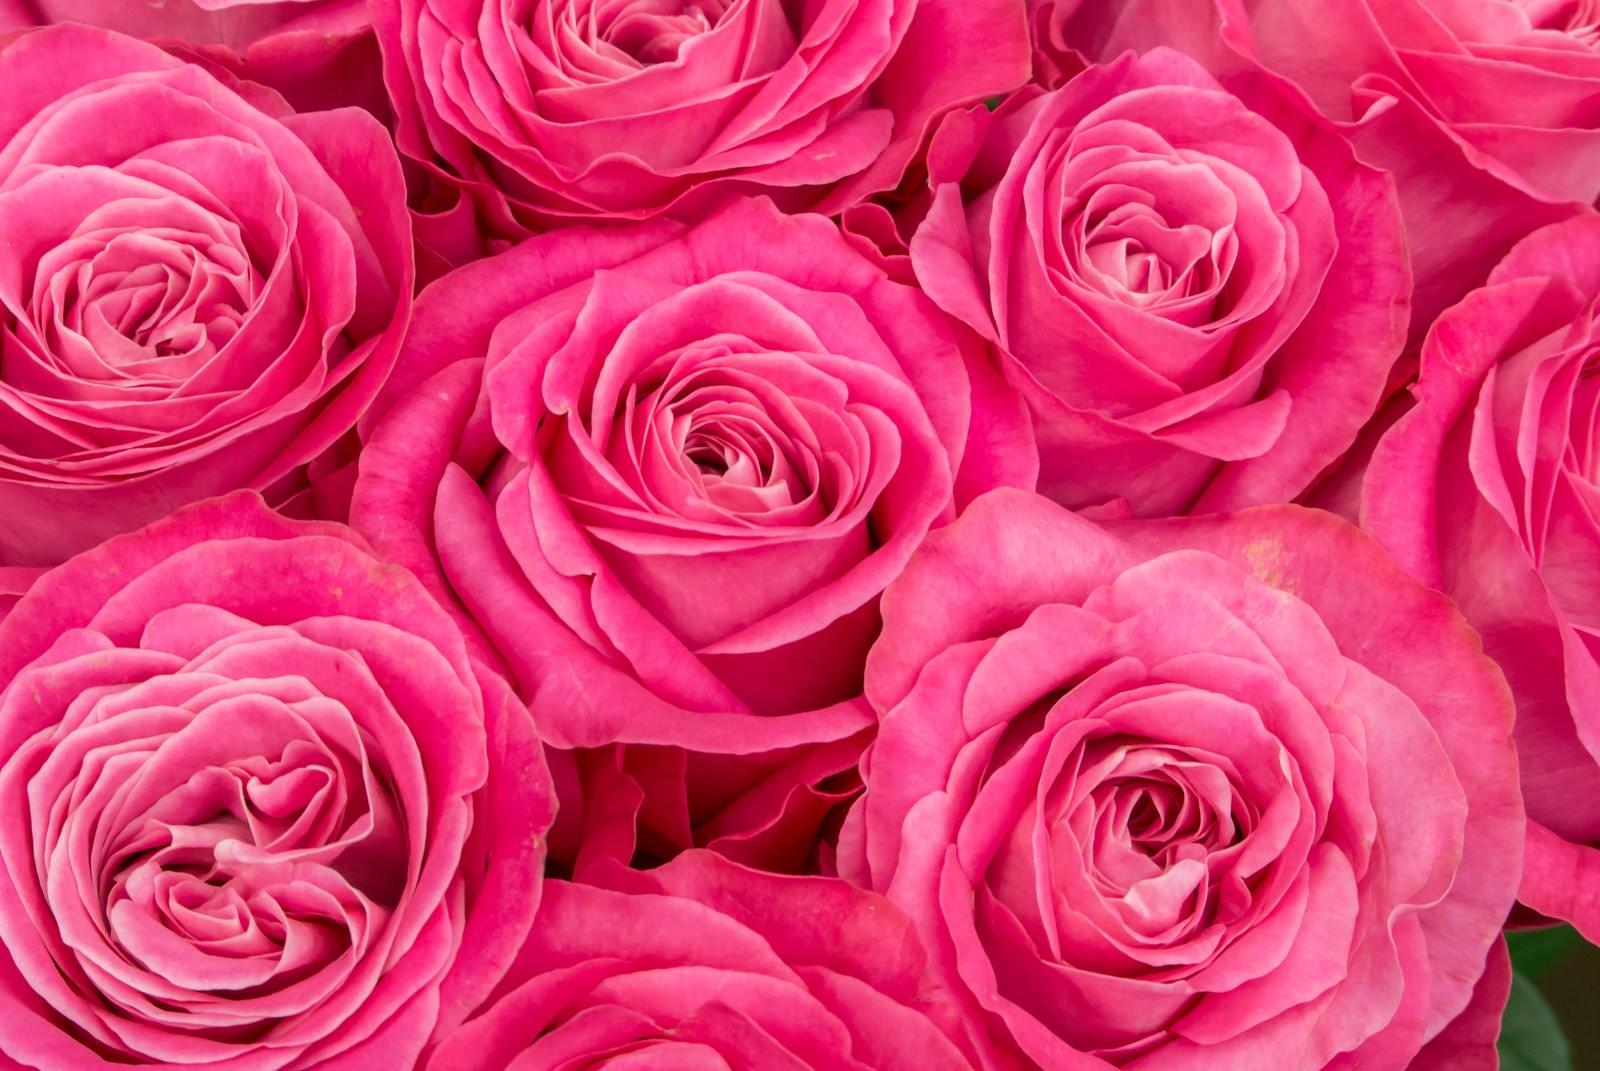 「ピンク色の薔薇の花ピンク色の薔薇の花」のフリー写真素材を拡大